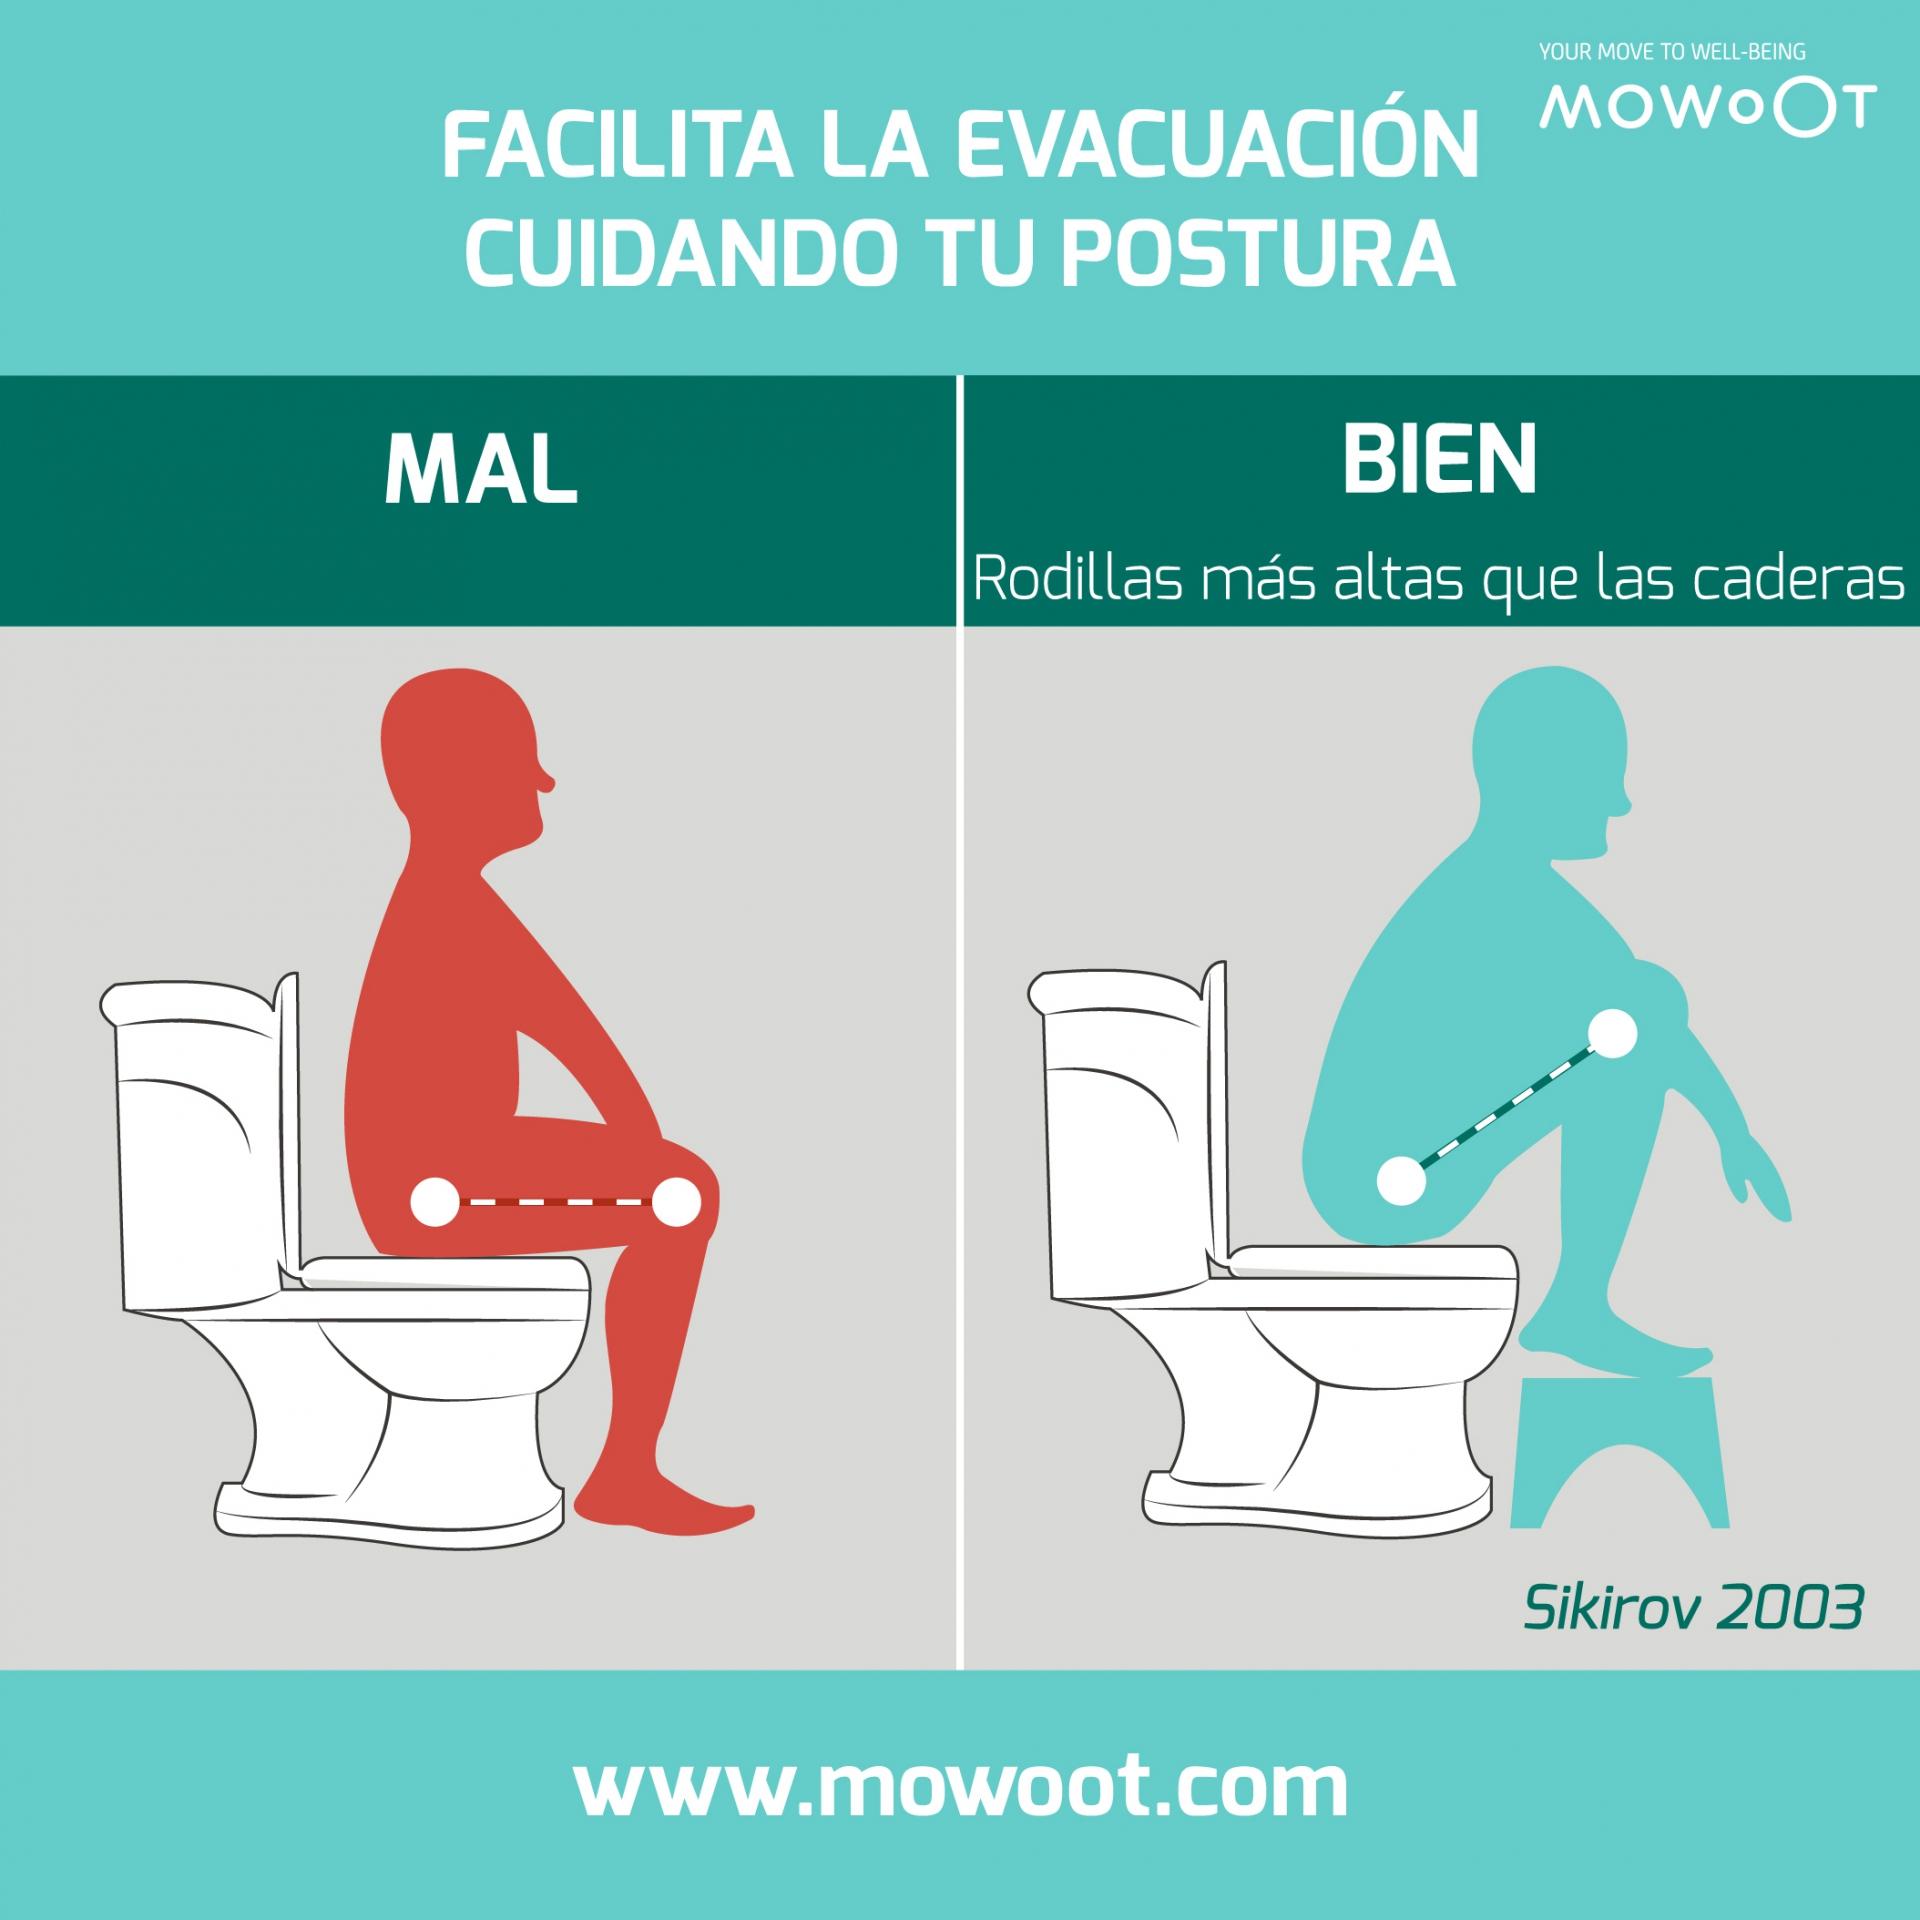 Facilita la evacuación cuidando tu postura